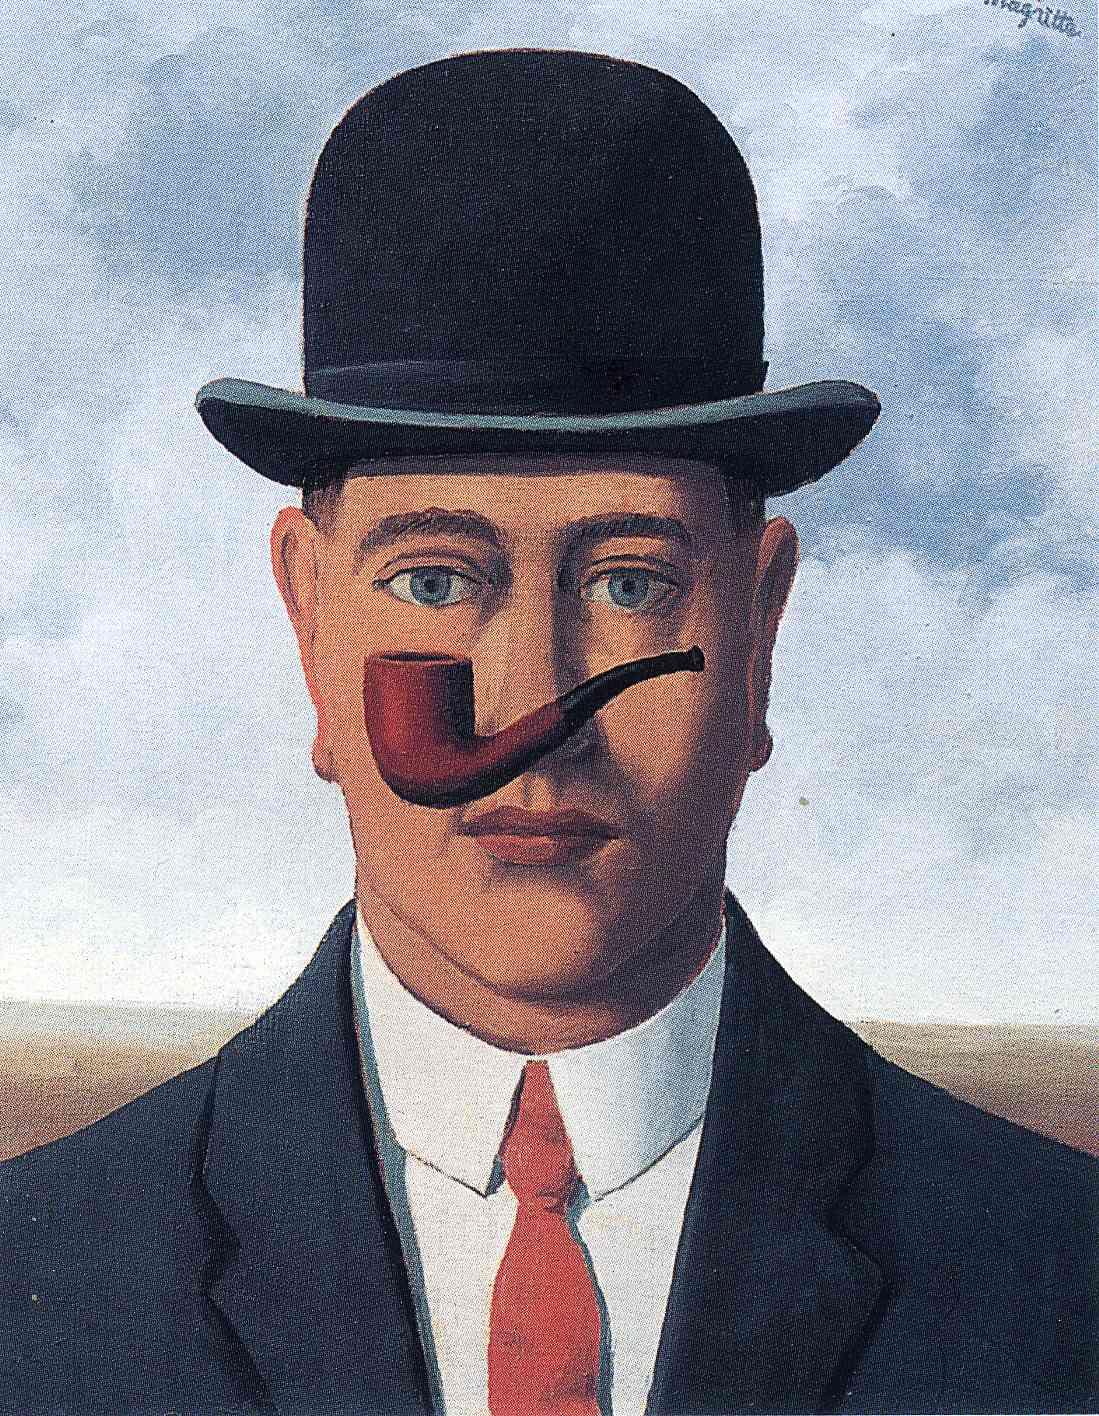 Good faith, 1965 - Rene Magritte - WikiArt.org